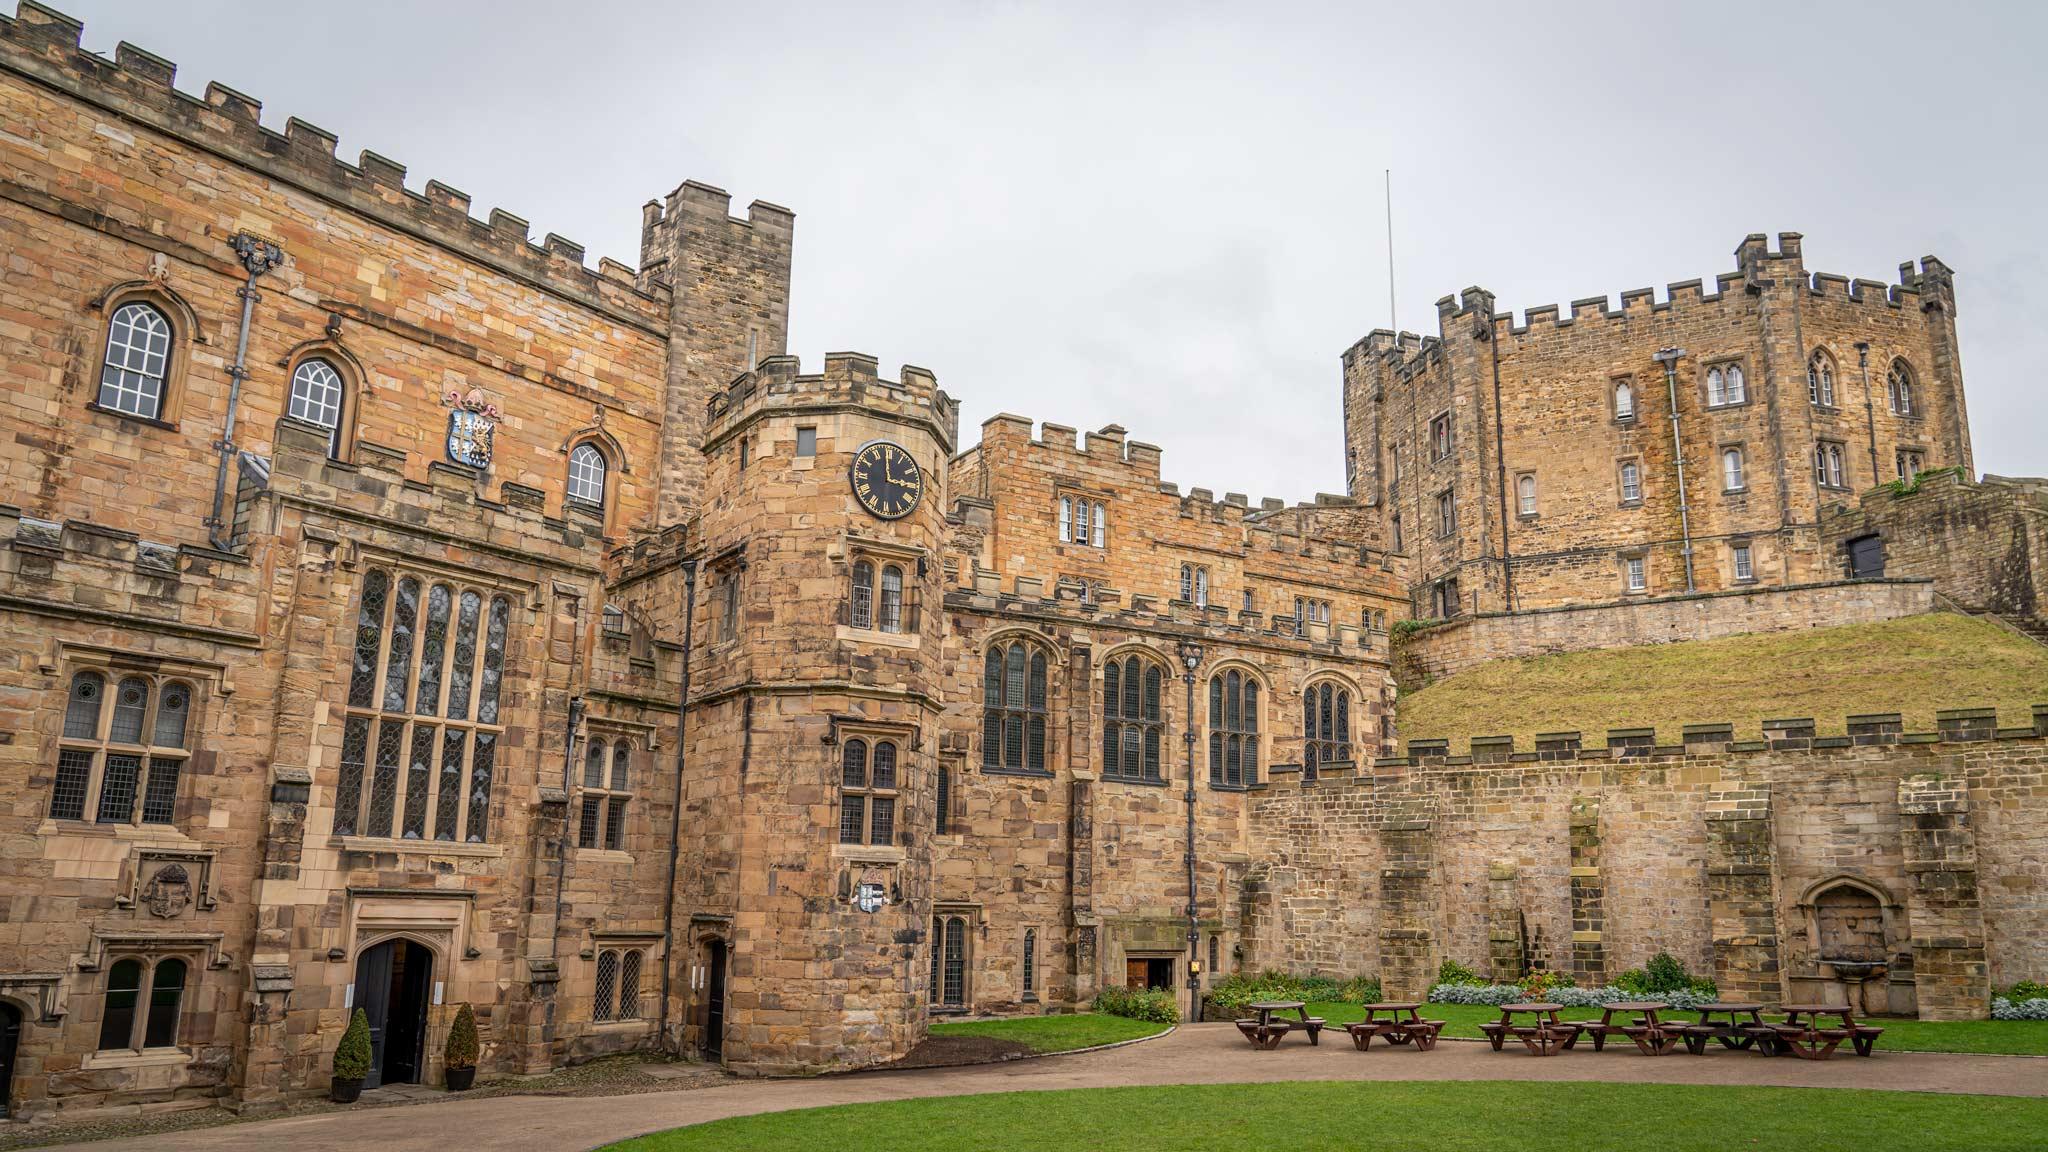 Vista exterior del castillo de Durham con una torre octogonal al lado